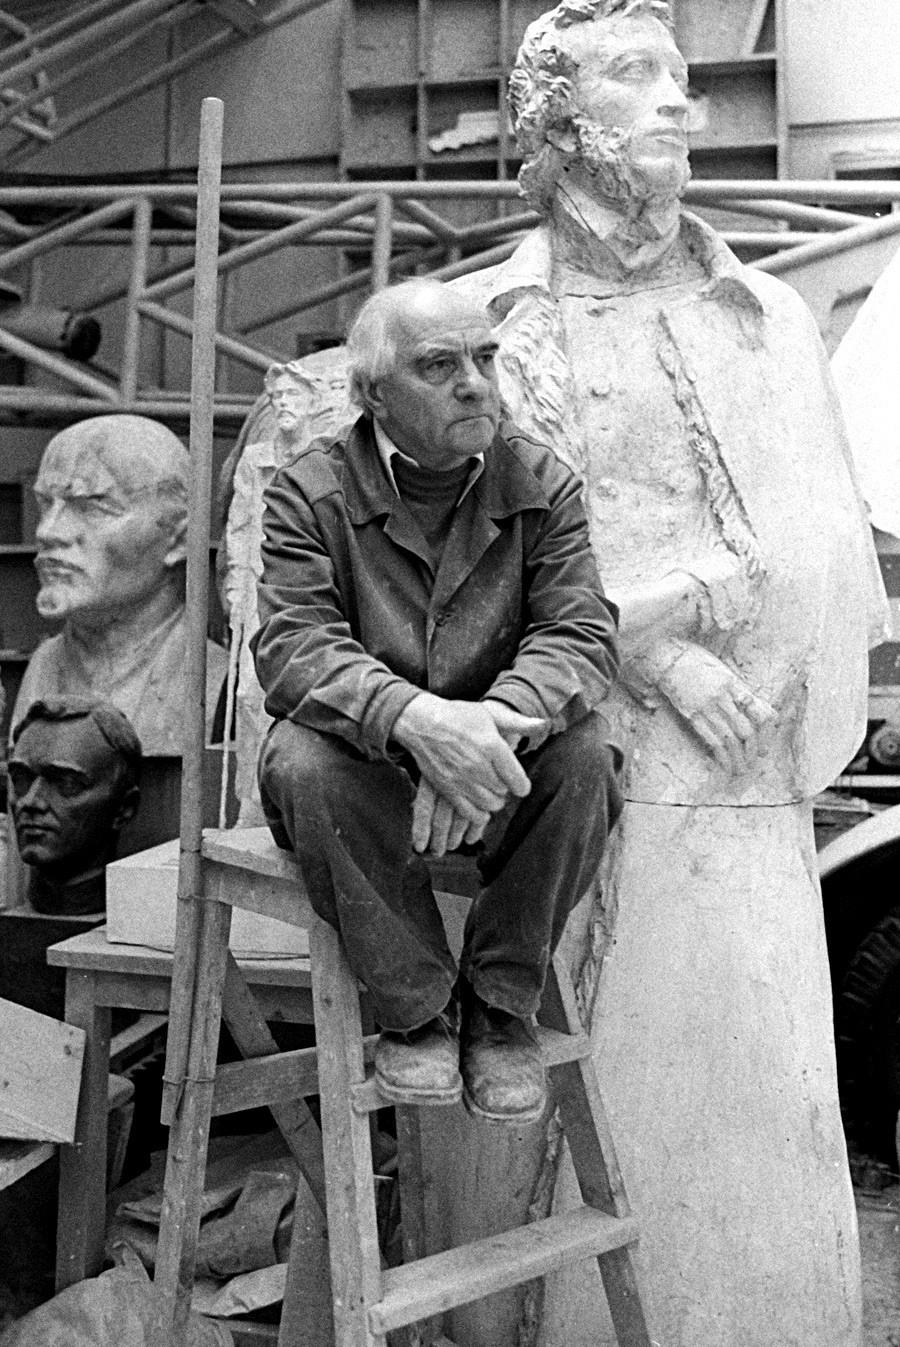 Obwohl die staatliche Kommission das Alexander-Puschkin-Denkmal von Michail Anikuschin von 1957 bereits abgesegnet hatte, war der Künstler selbst so unzufrieden, dass er auf eigene Kosten ein Neues schuf. Heute steht es auf dem Platz der Künste in Sankt Petersburg.